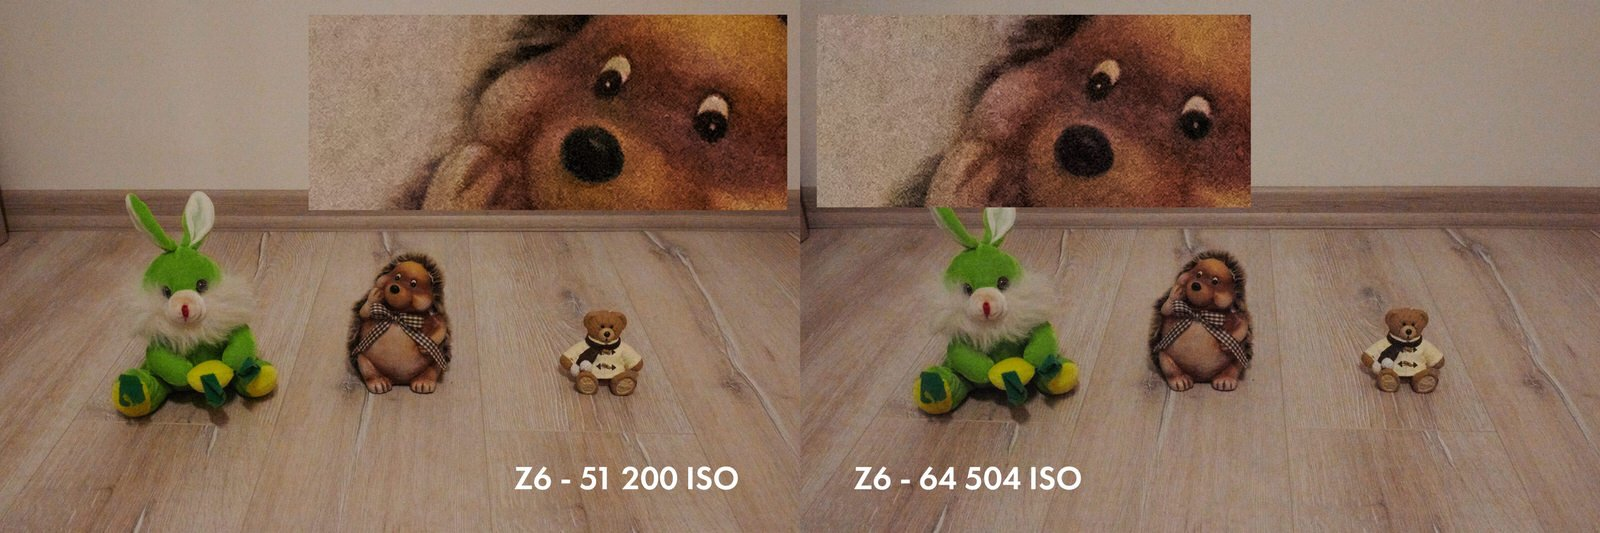 Recenzja Nikon Z6 w fotografii ślubnej | Porównanie do Nikona D750 17